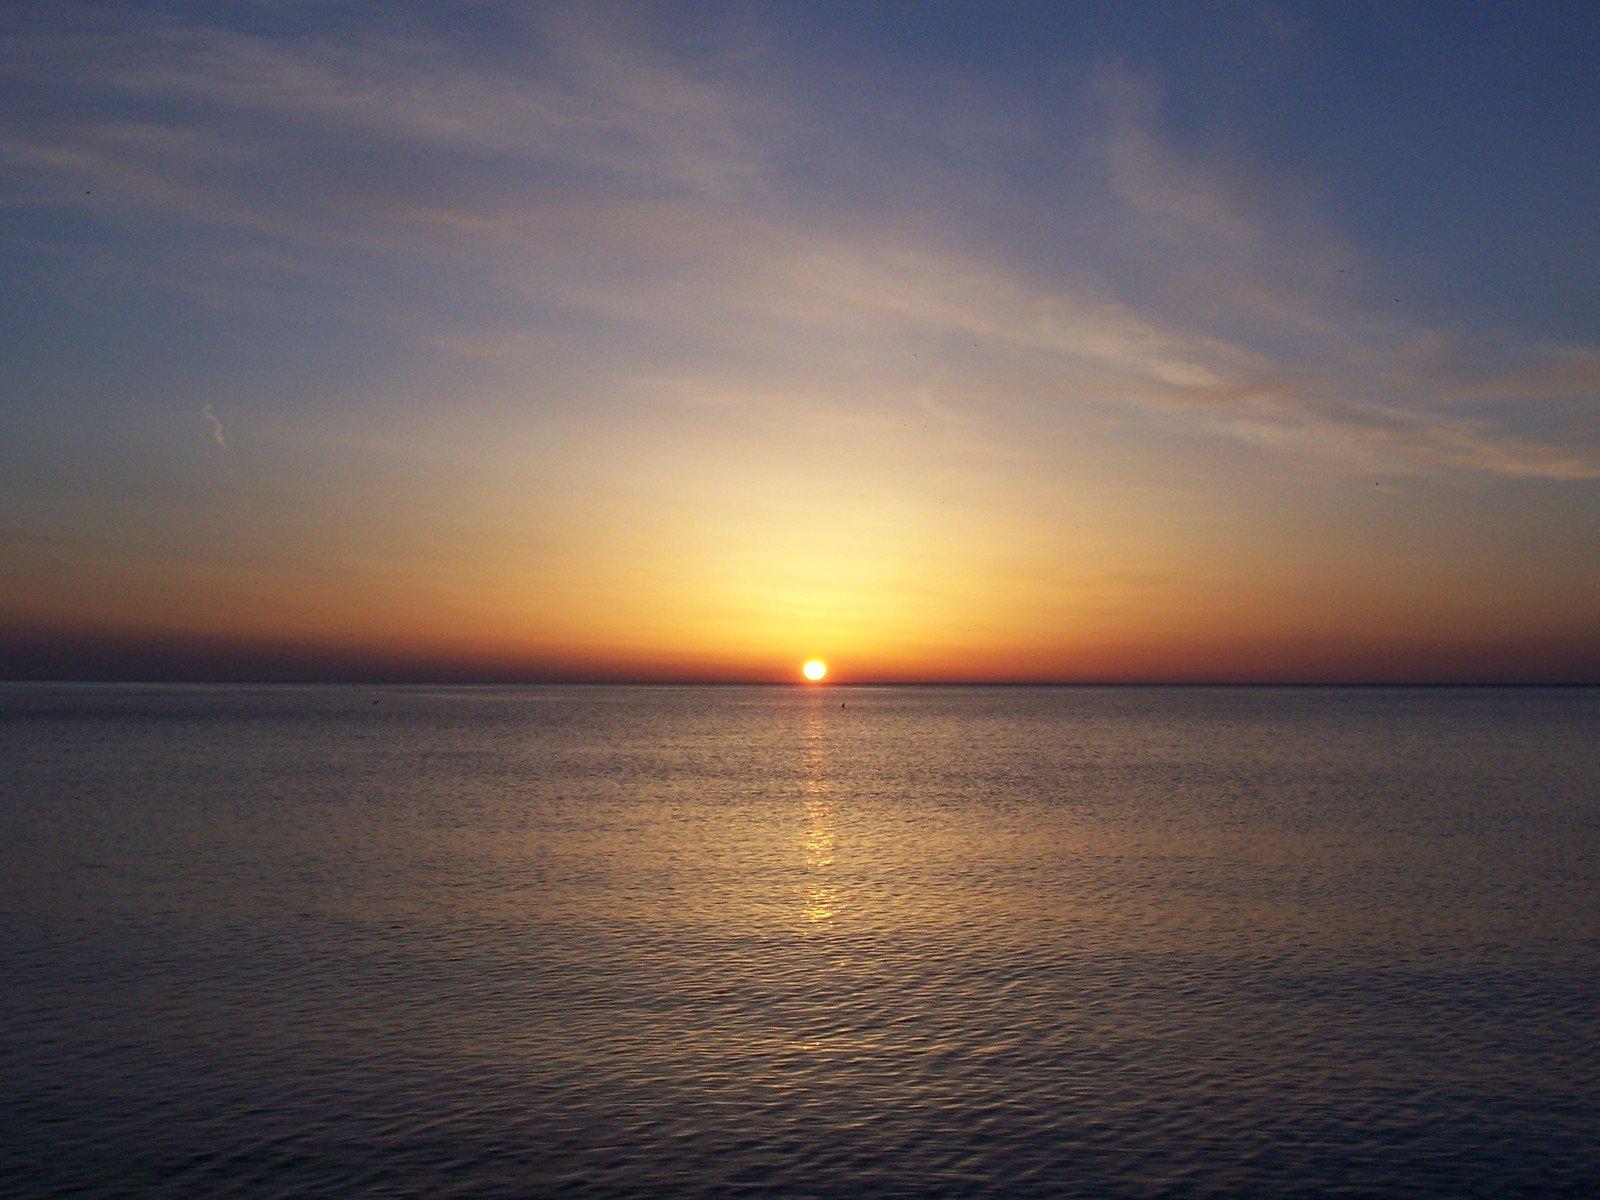 Free Great Lakes Sunrise Stock Photo